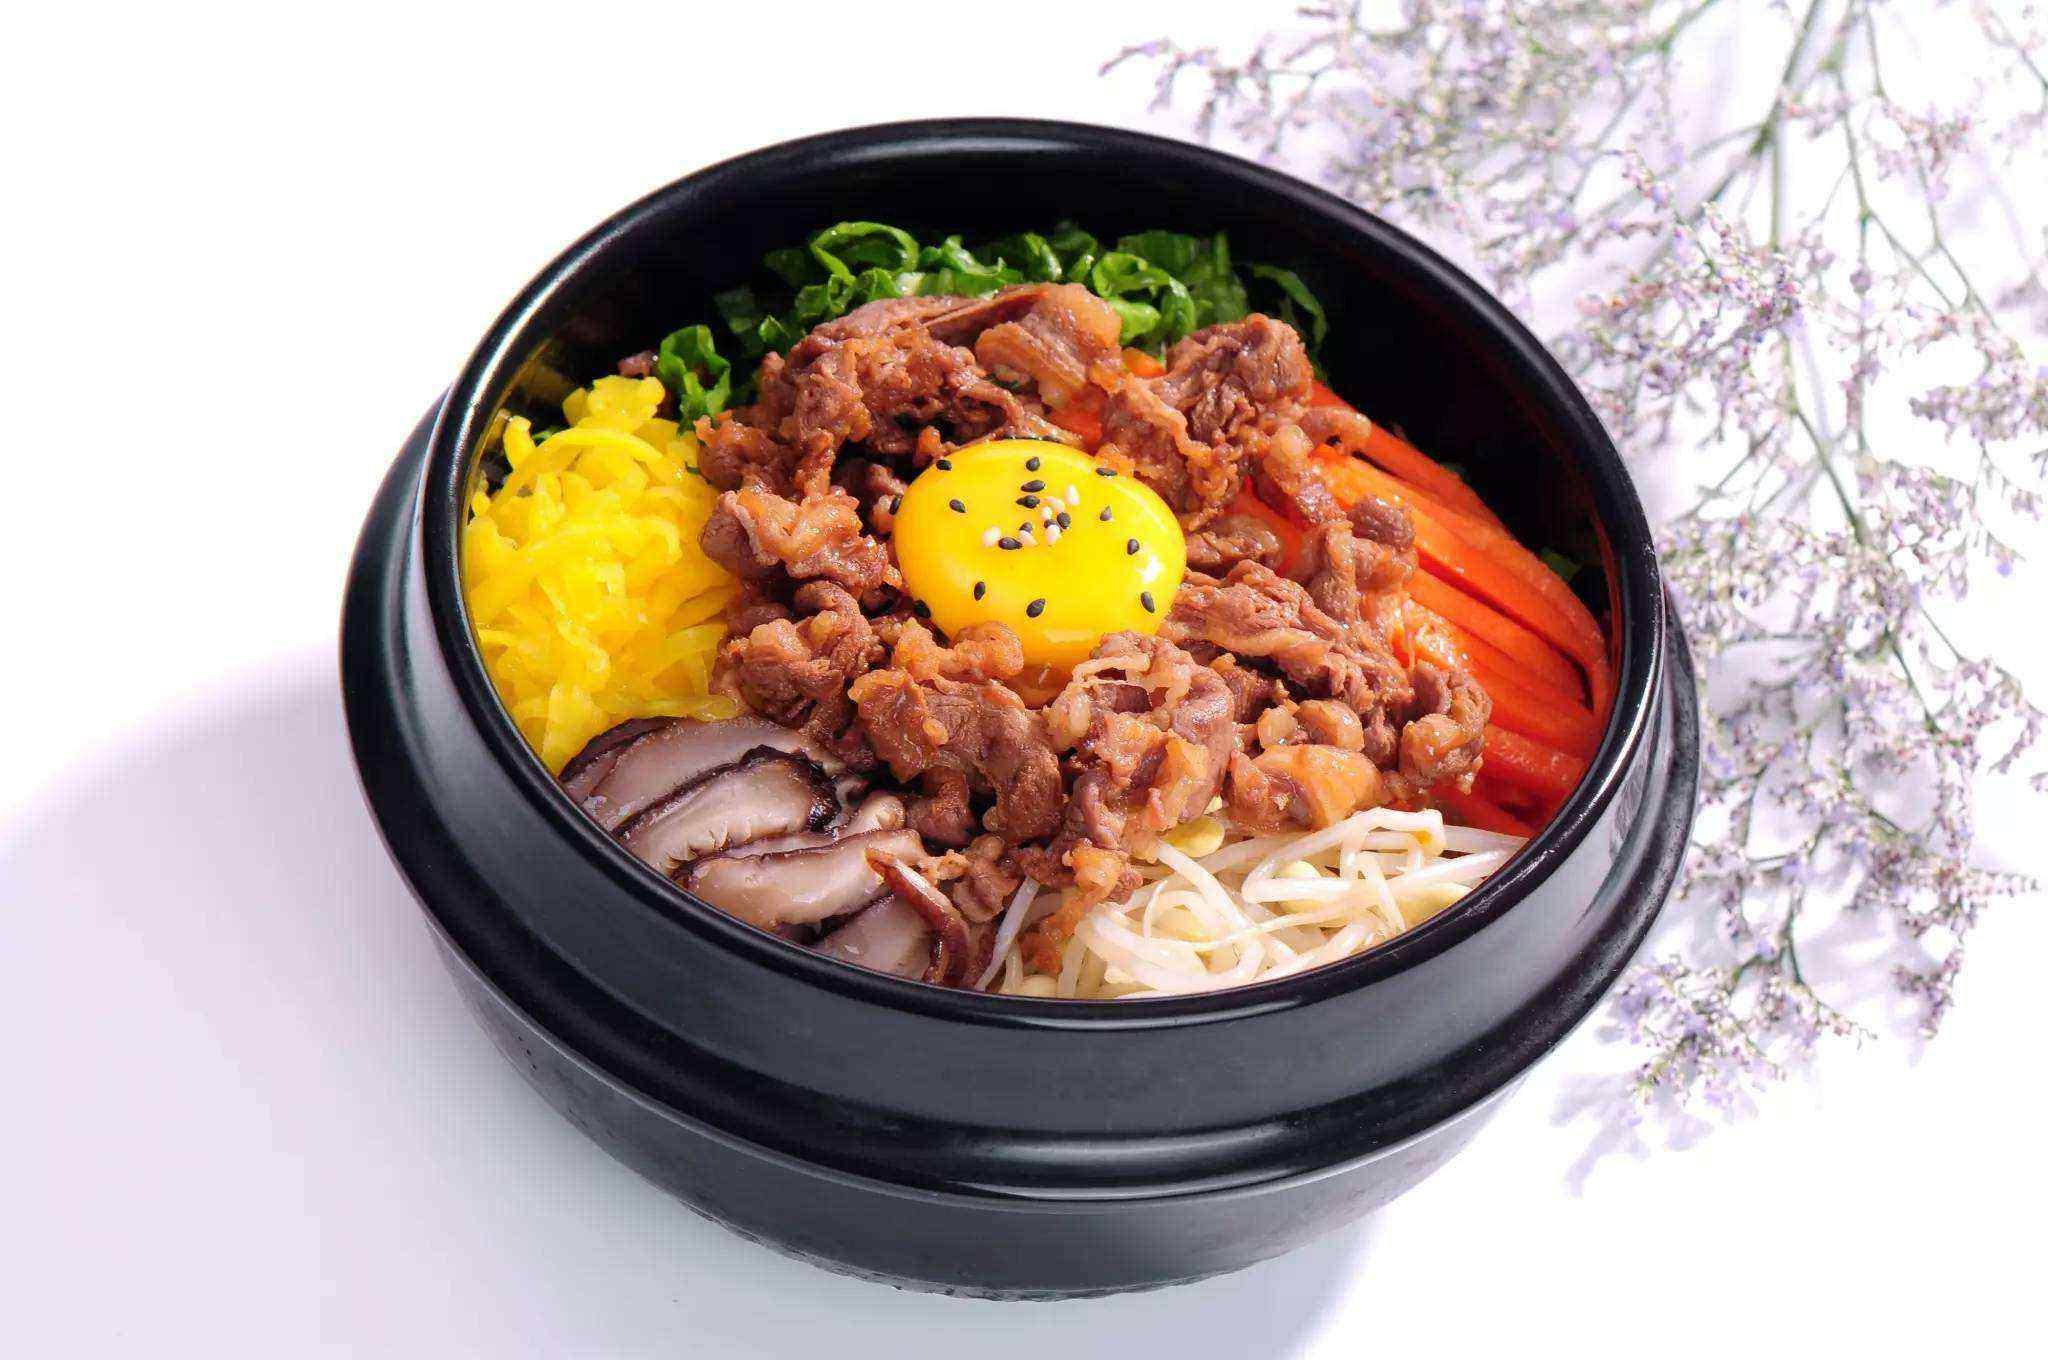 加盟韓國石鍋拌飯怎么樣 韓國料理店如何開